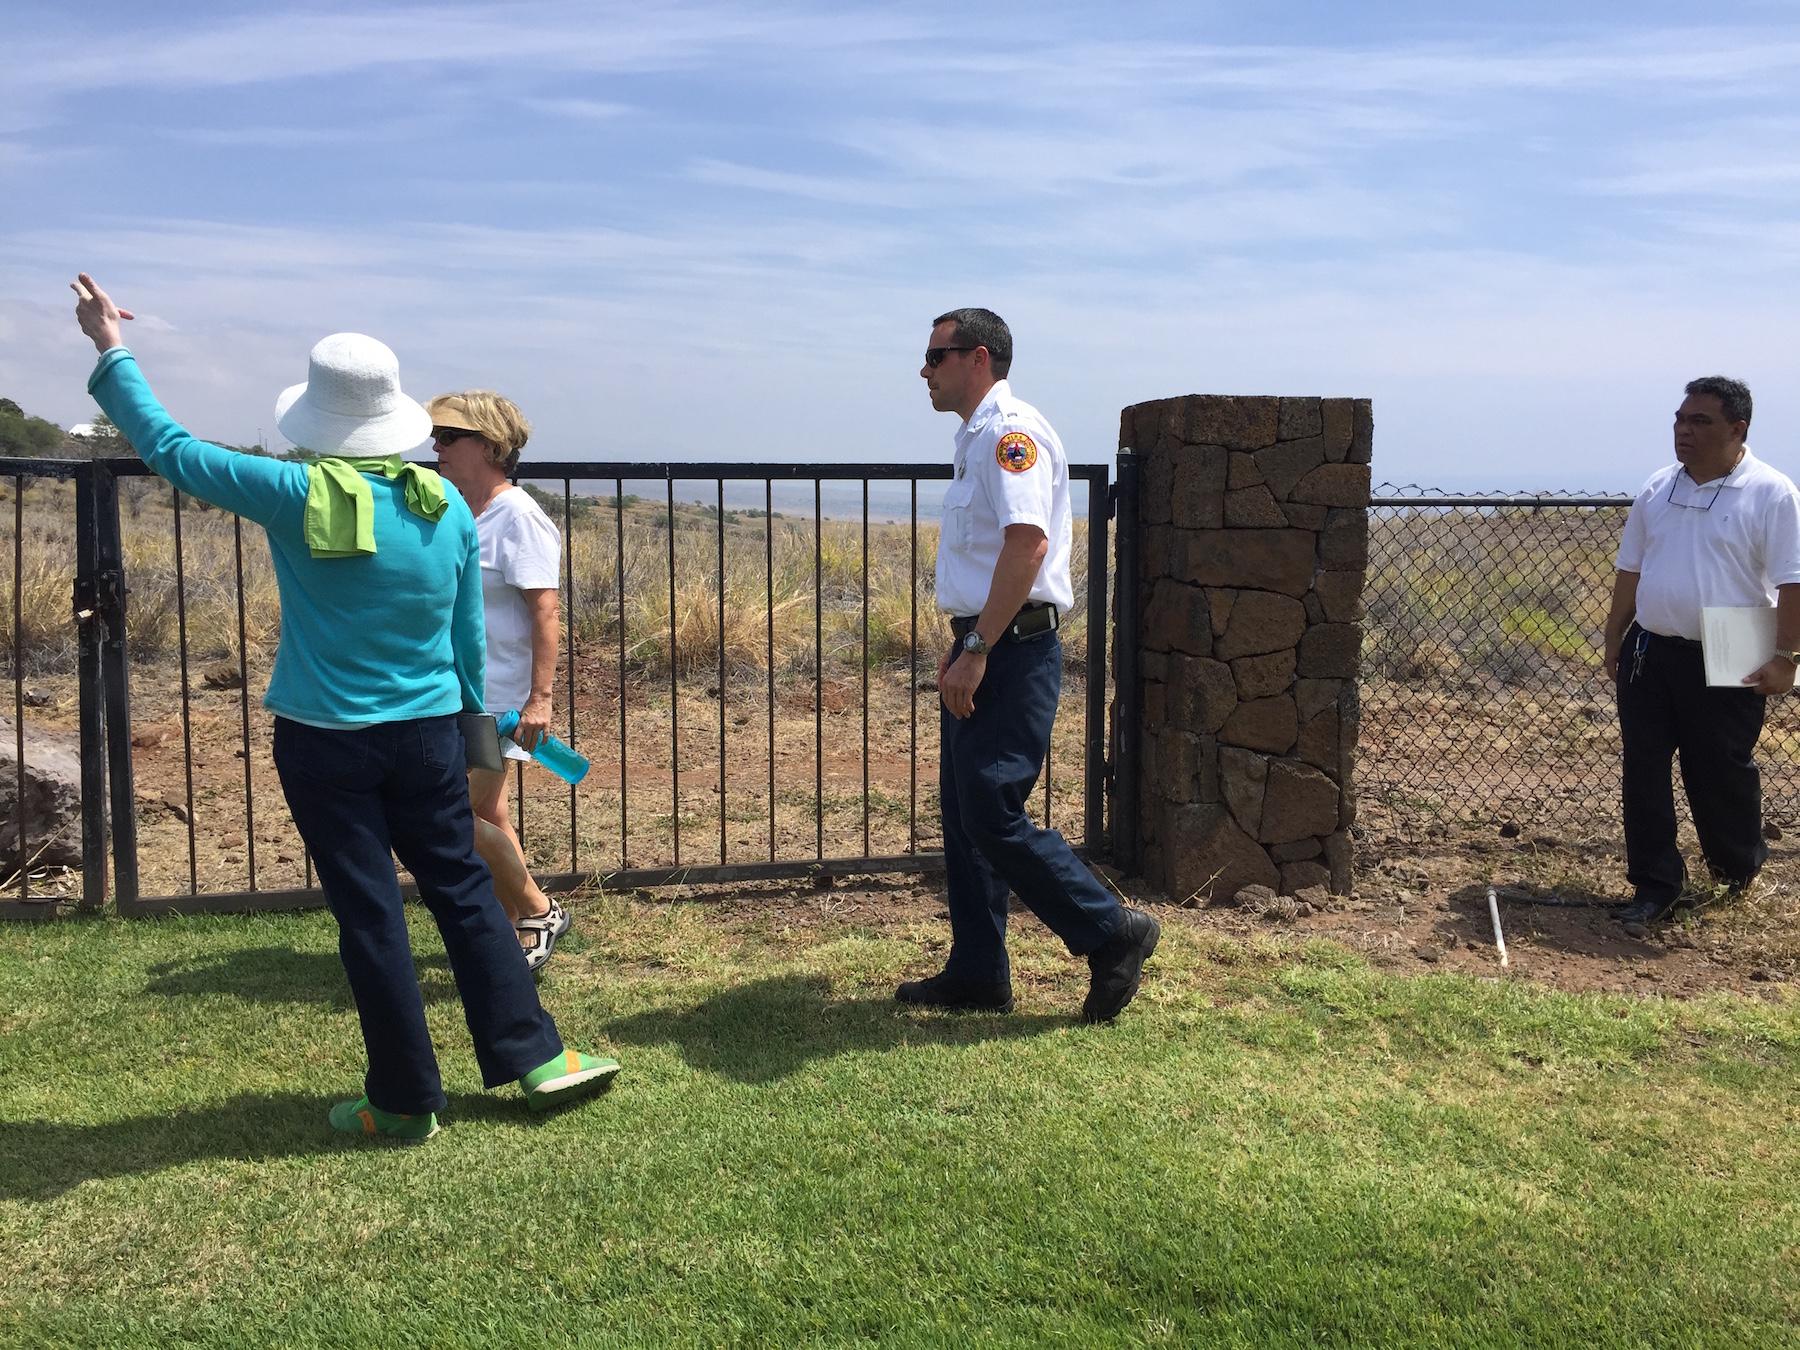 Walking the Kohala Waterfront perimeter to examine wildfire hazards.